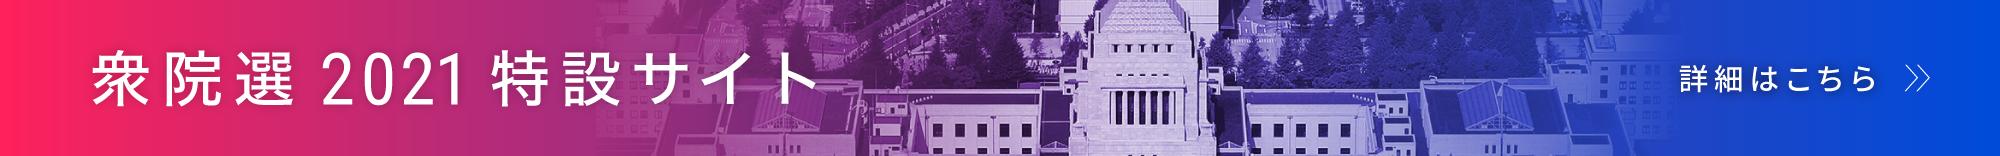 衆院選2021特設サイト